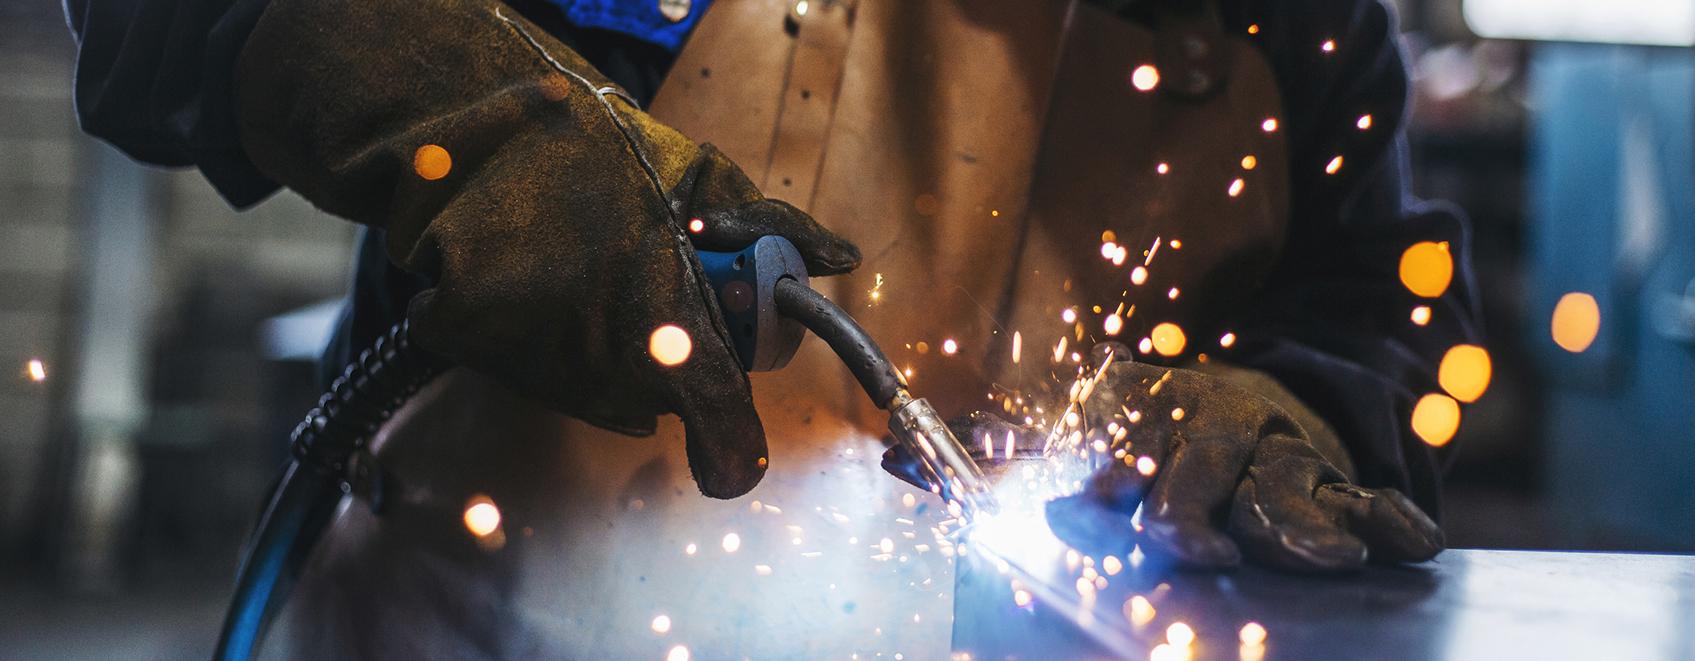 Closeup of metalworker's hands welding